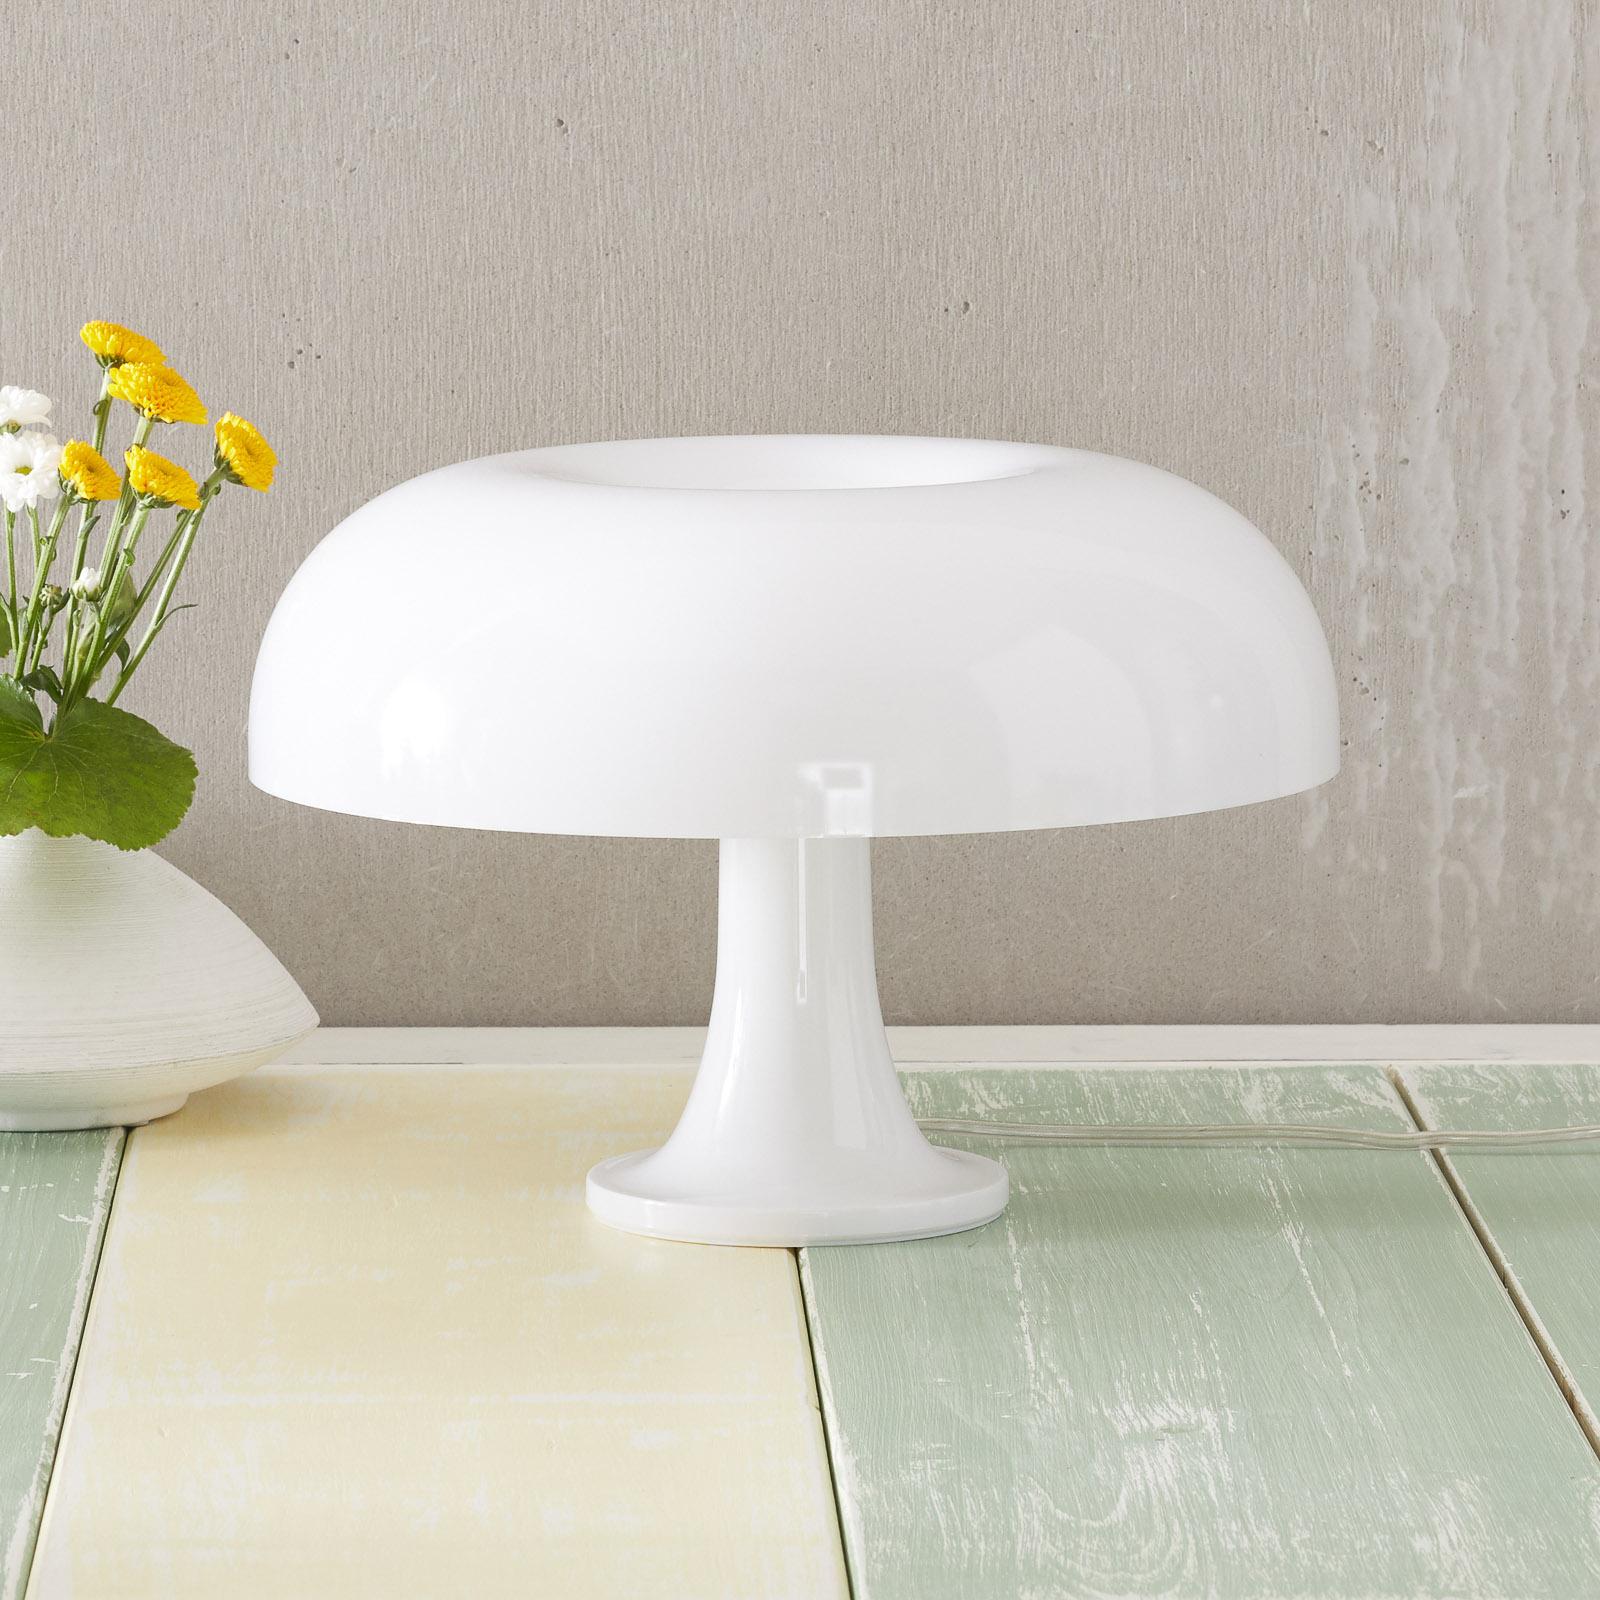 Artemide Nessino - Design tafellamp, wit